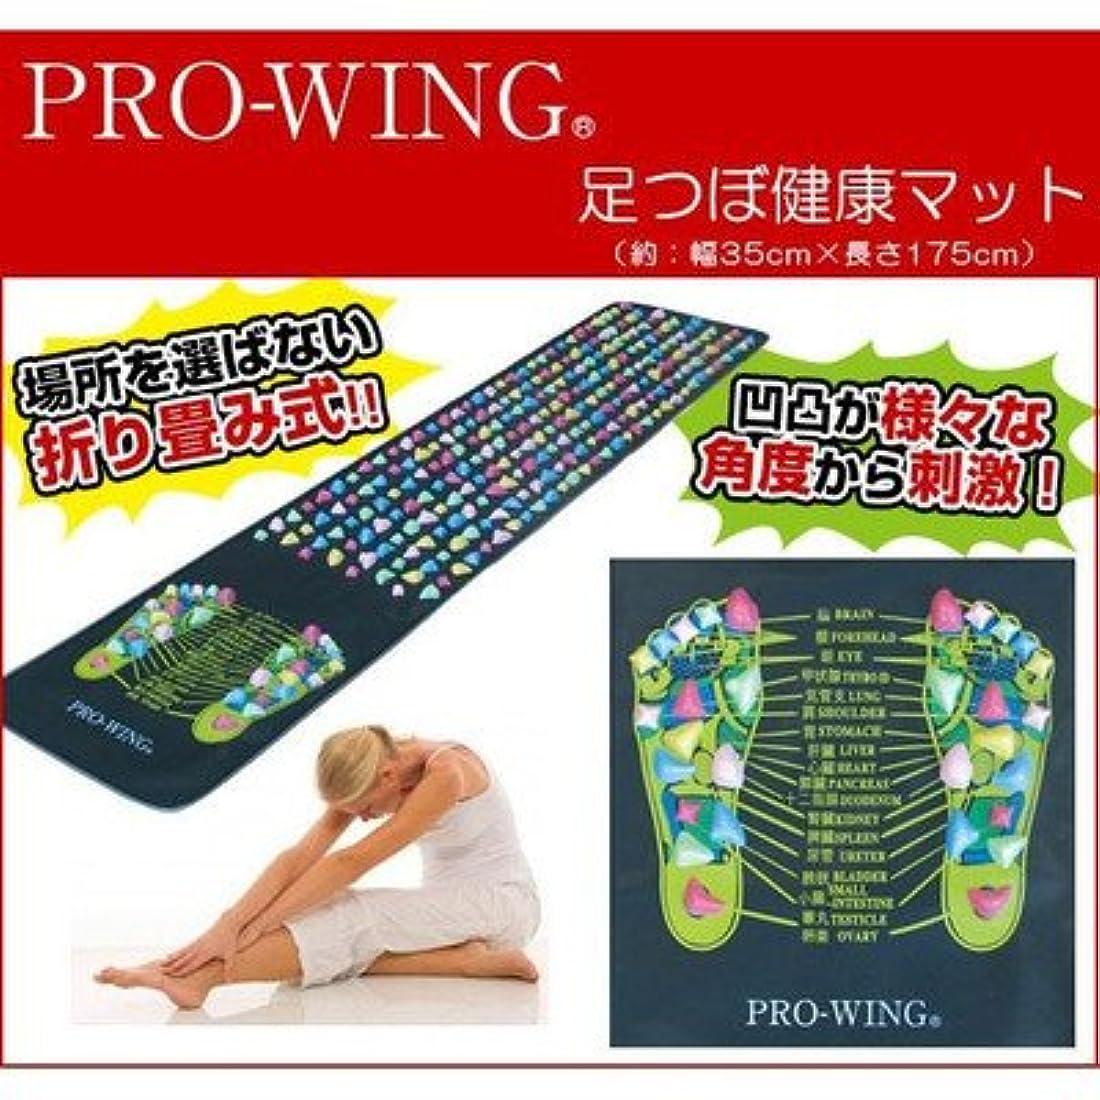 有益薬局暫定カラフルで可愛らしい凹凸が様々な角度から刺激 PRO-WING プロウィング 足つぼ健康マット PWF-1001